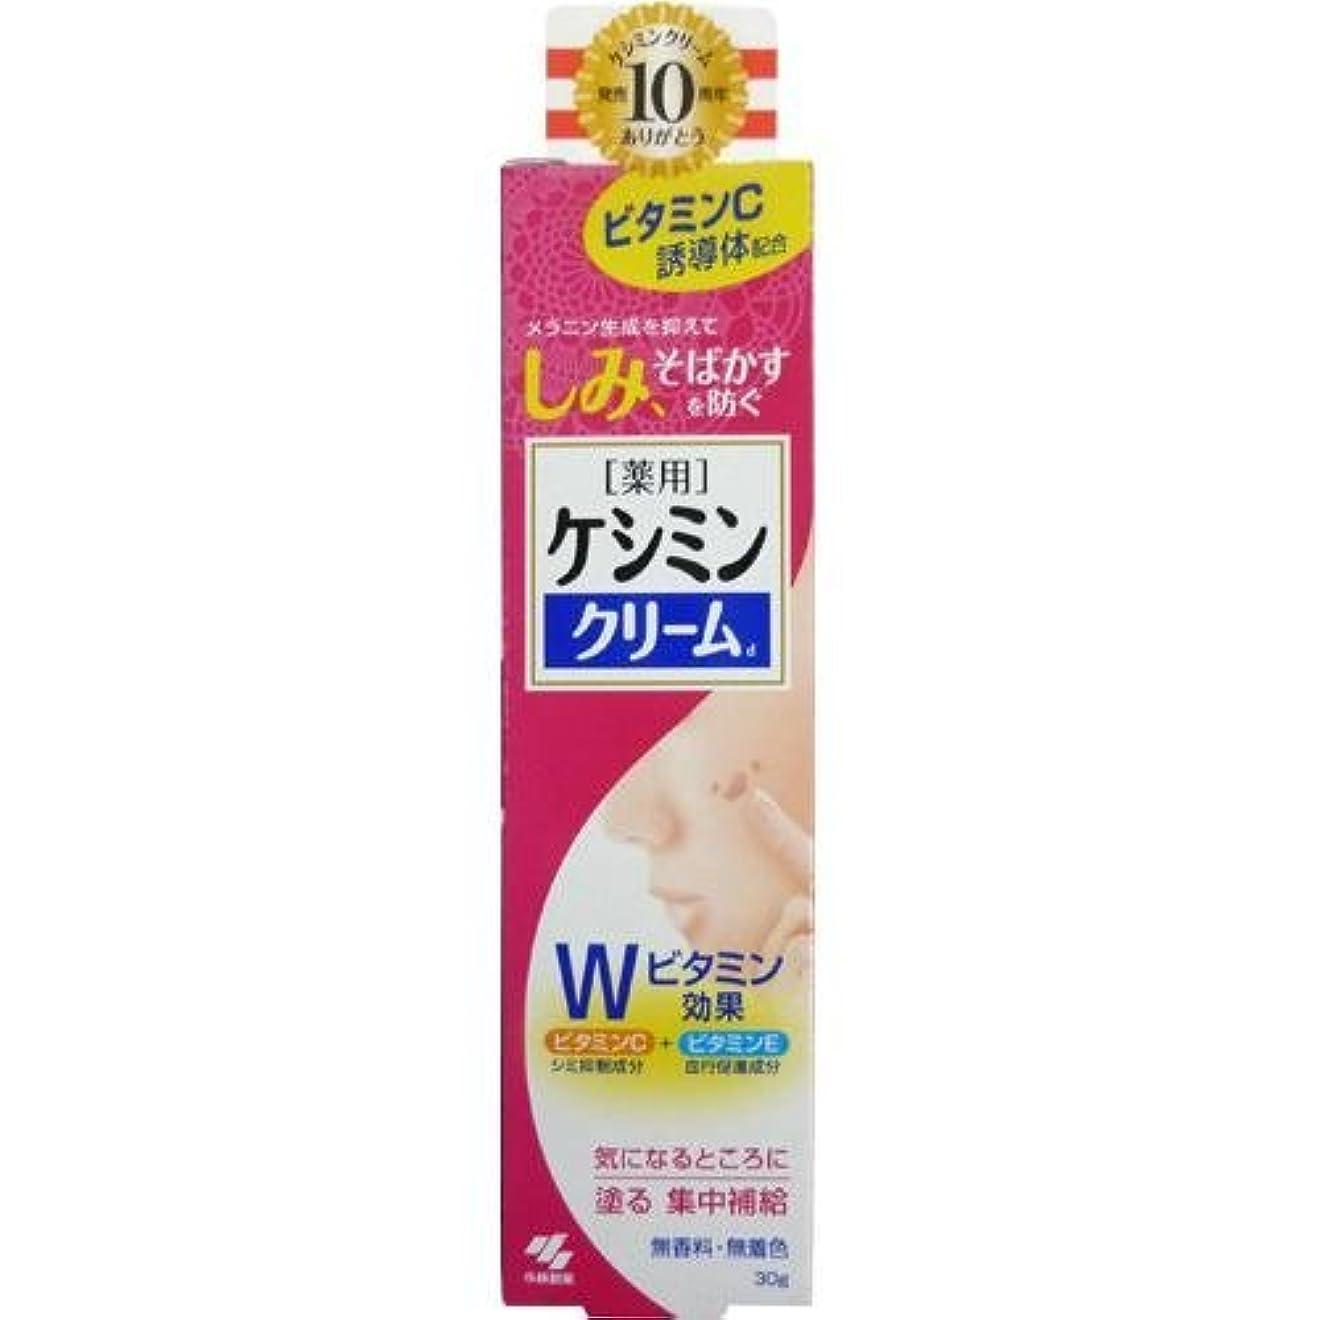 鮫シャッター契約した【3個セット】薬用ケシミンクリームC 30G×3